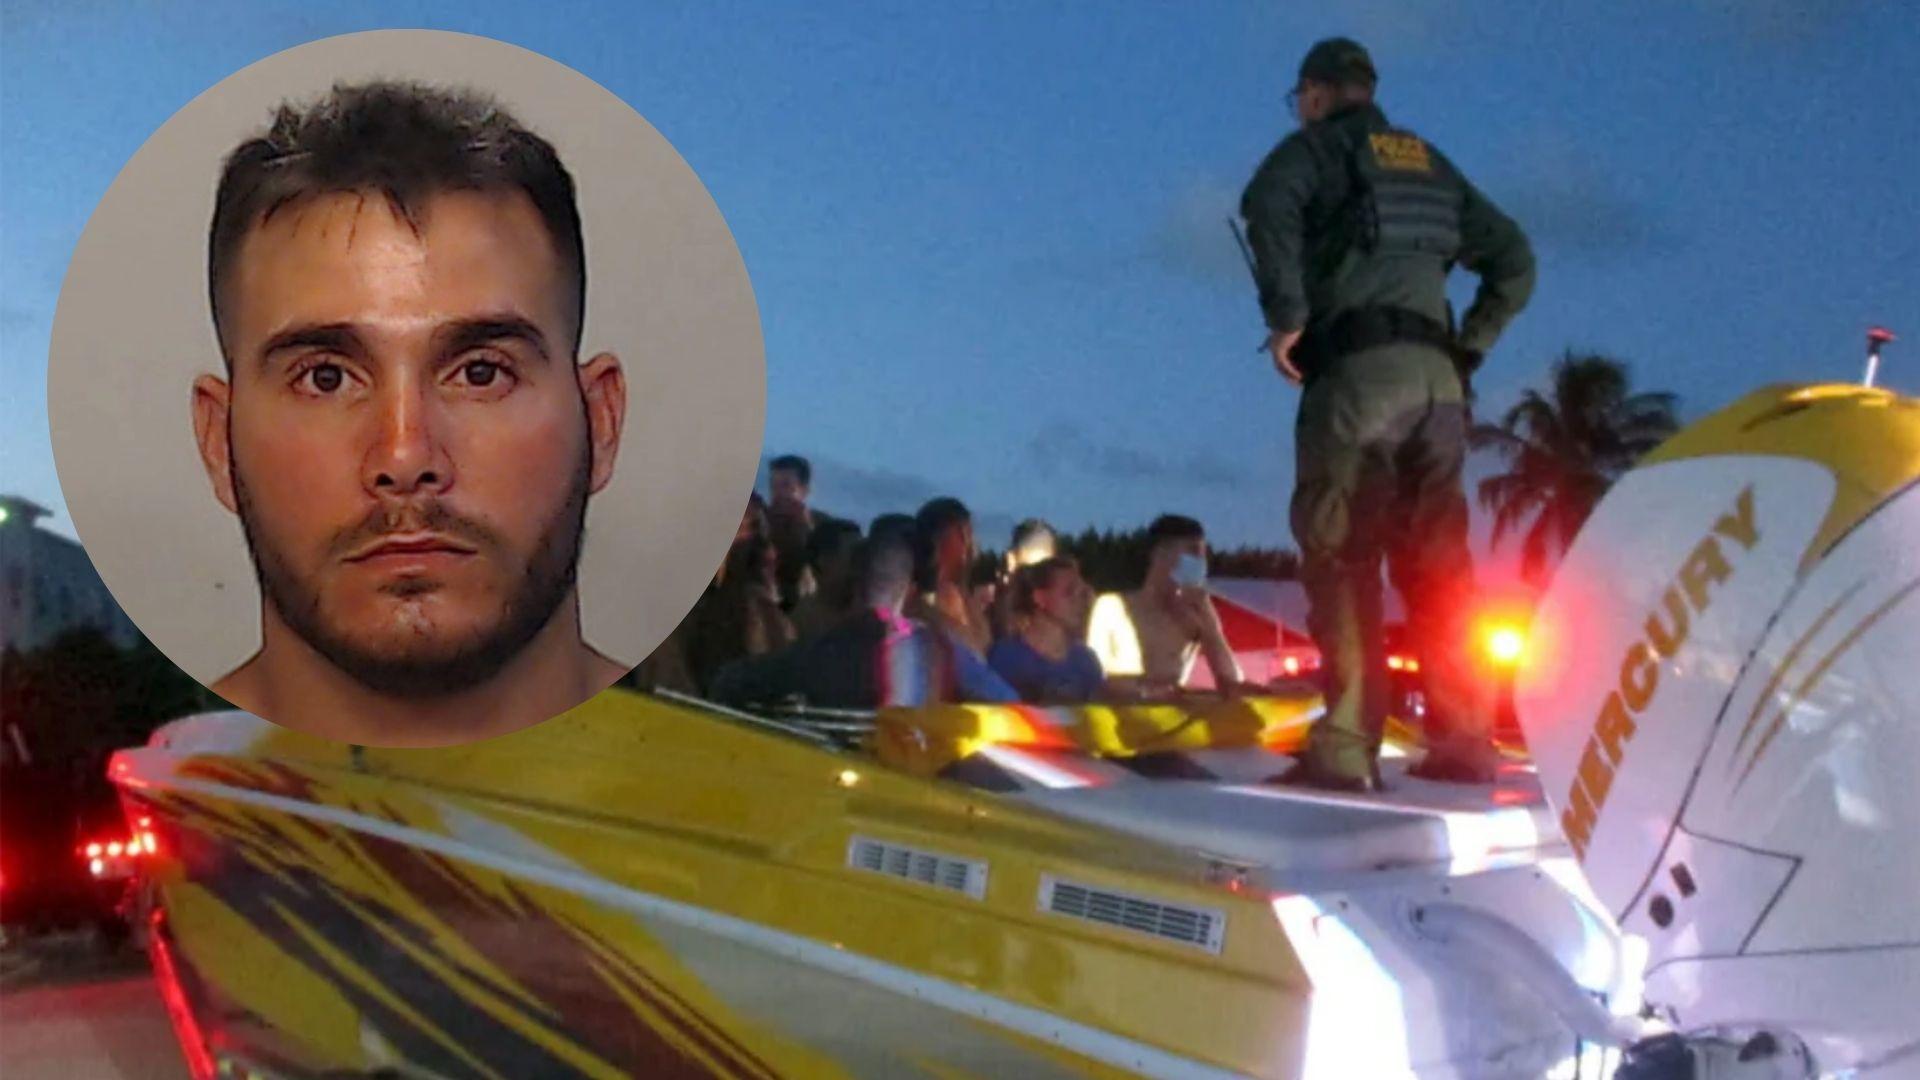 camionero cubano de miami arrestado despues de que la policia descubrio que transportaba a 32 balseros cubanos